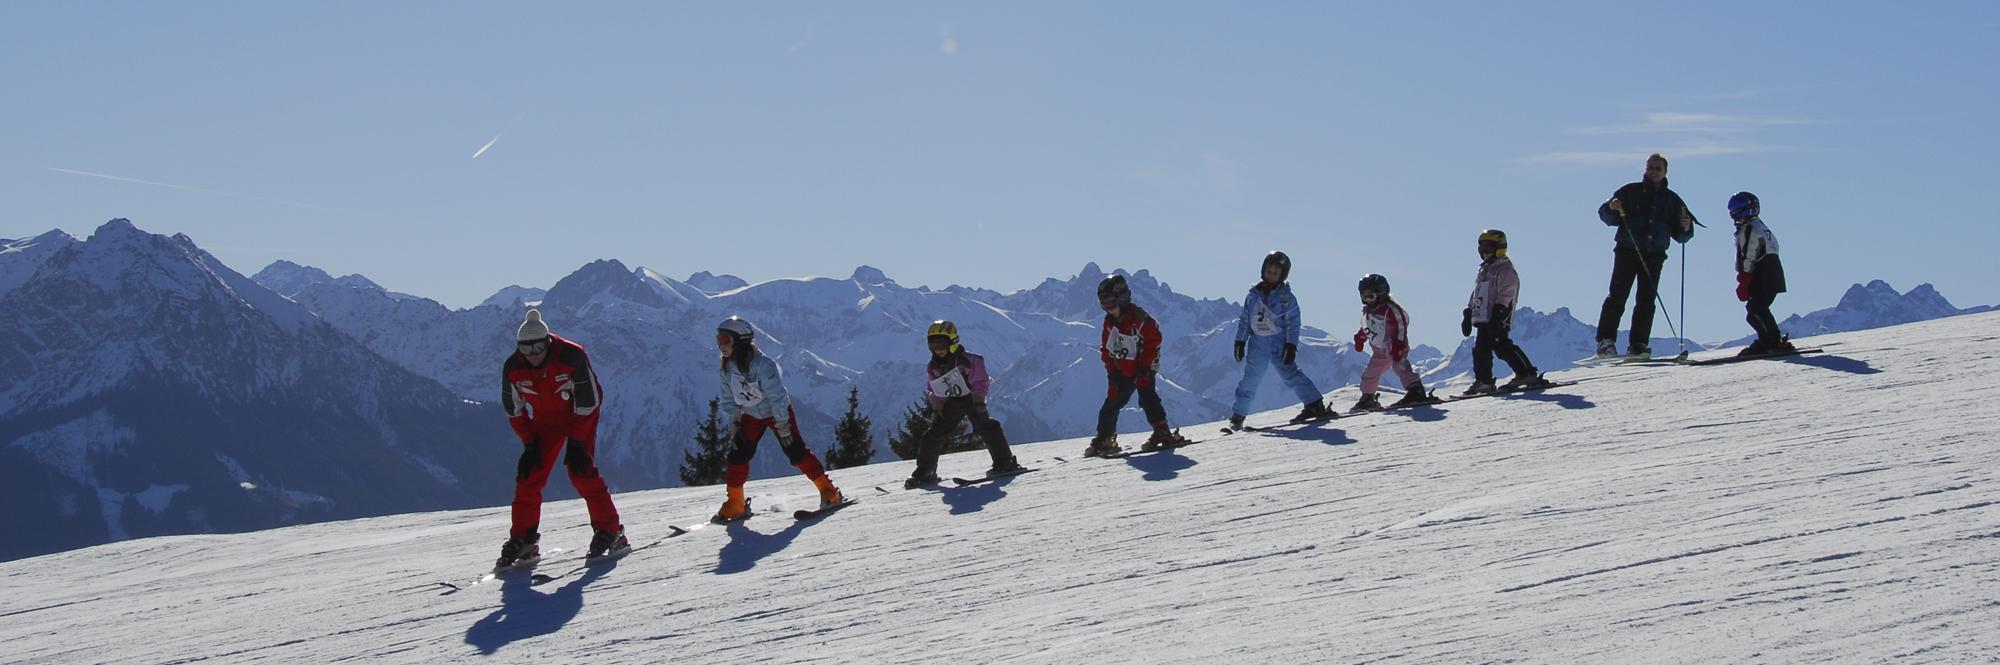 Skifahren lernen im Allgäu